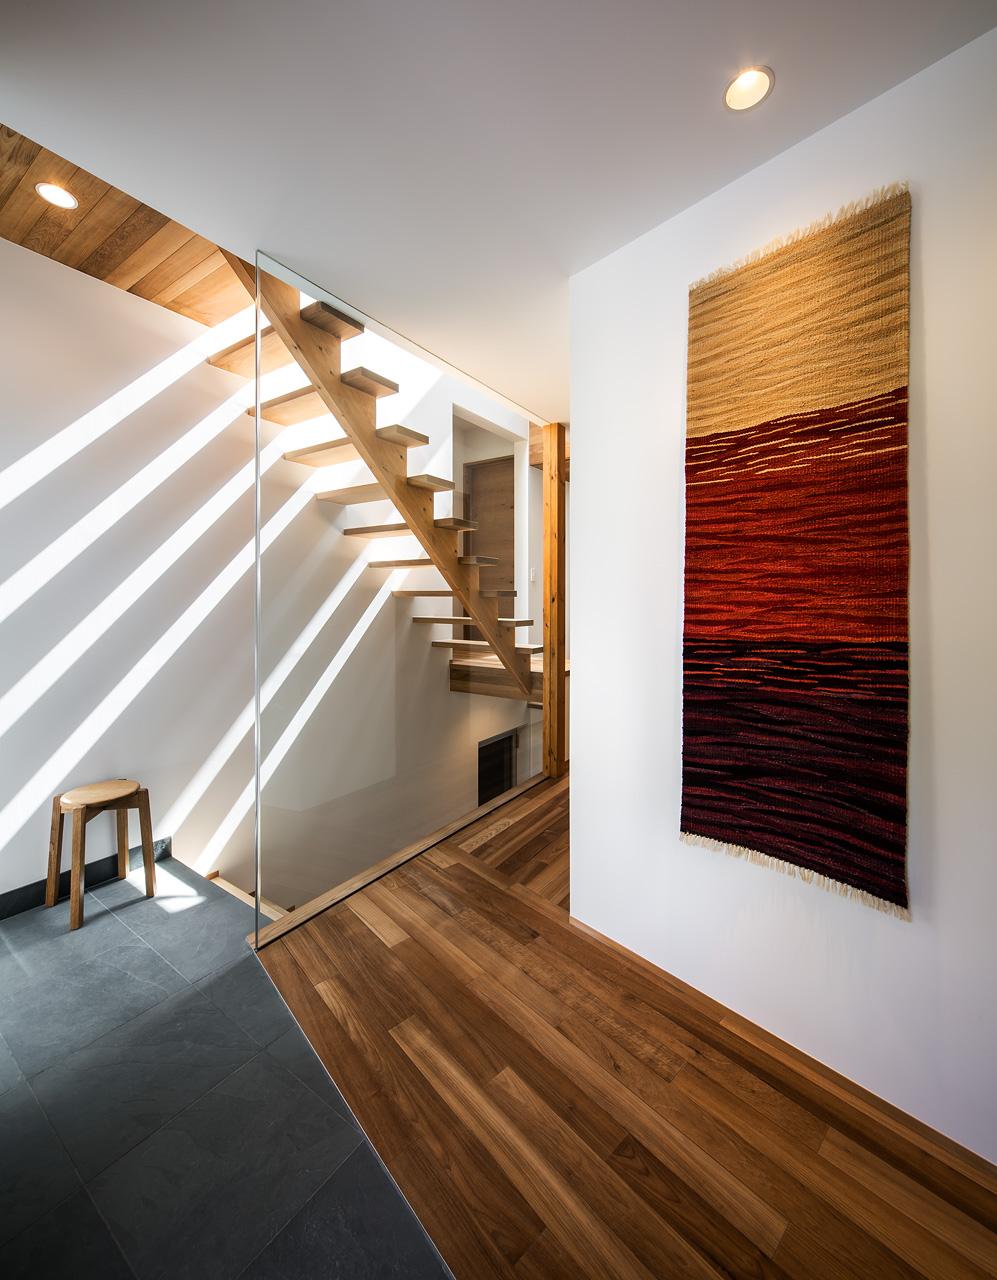 エントランス:地階の駐車場から直接玄関へ上がれる階段があります。クレバスからの光を遮らないように、廊下との仕切りはガラス製です